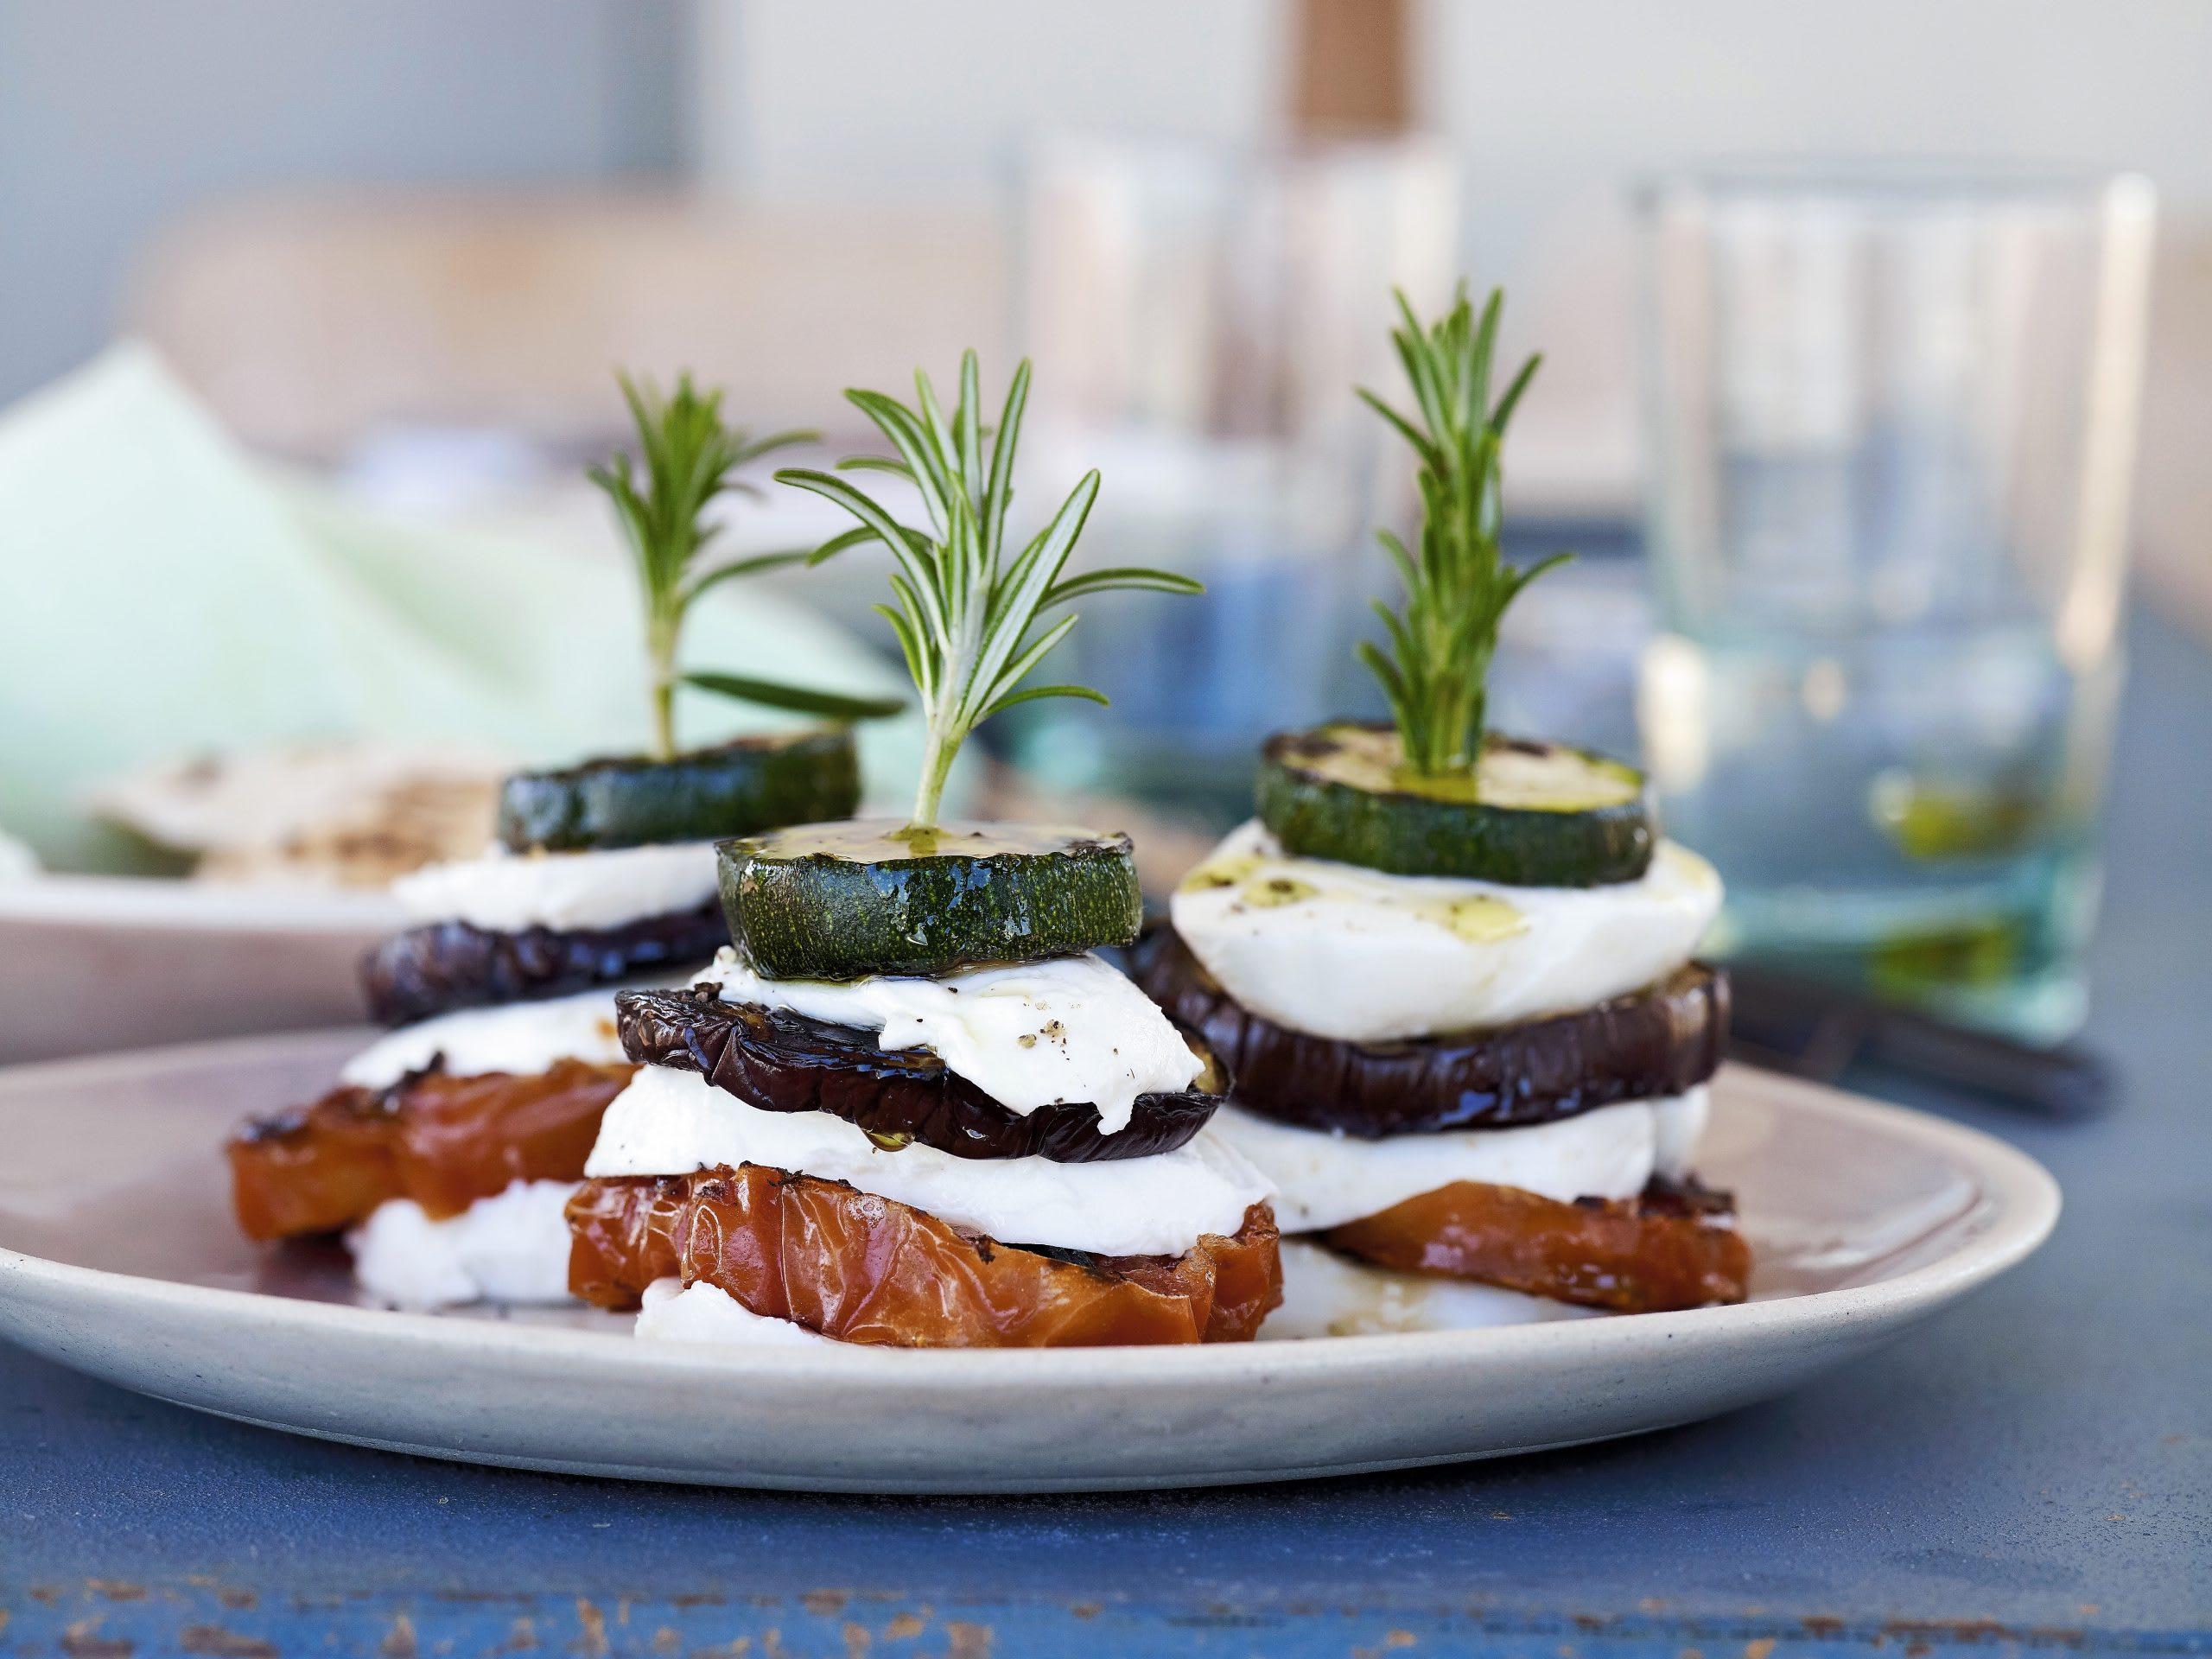 Gemüse-Mozzarella-Türmli vom Grill